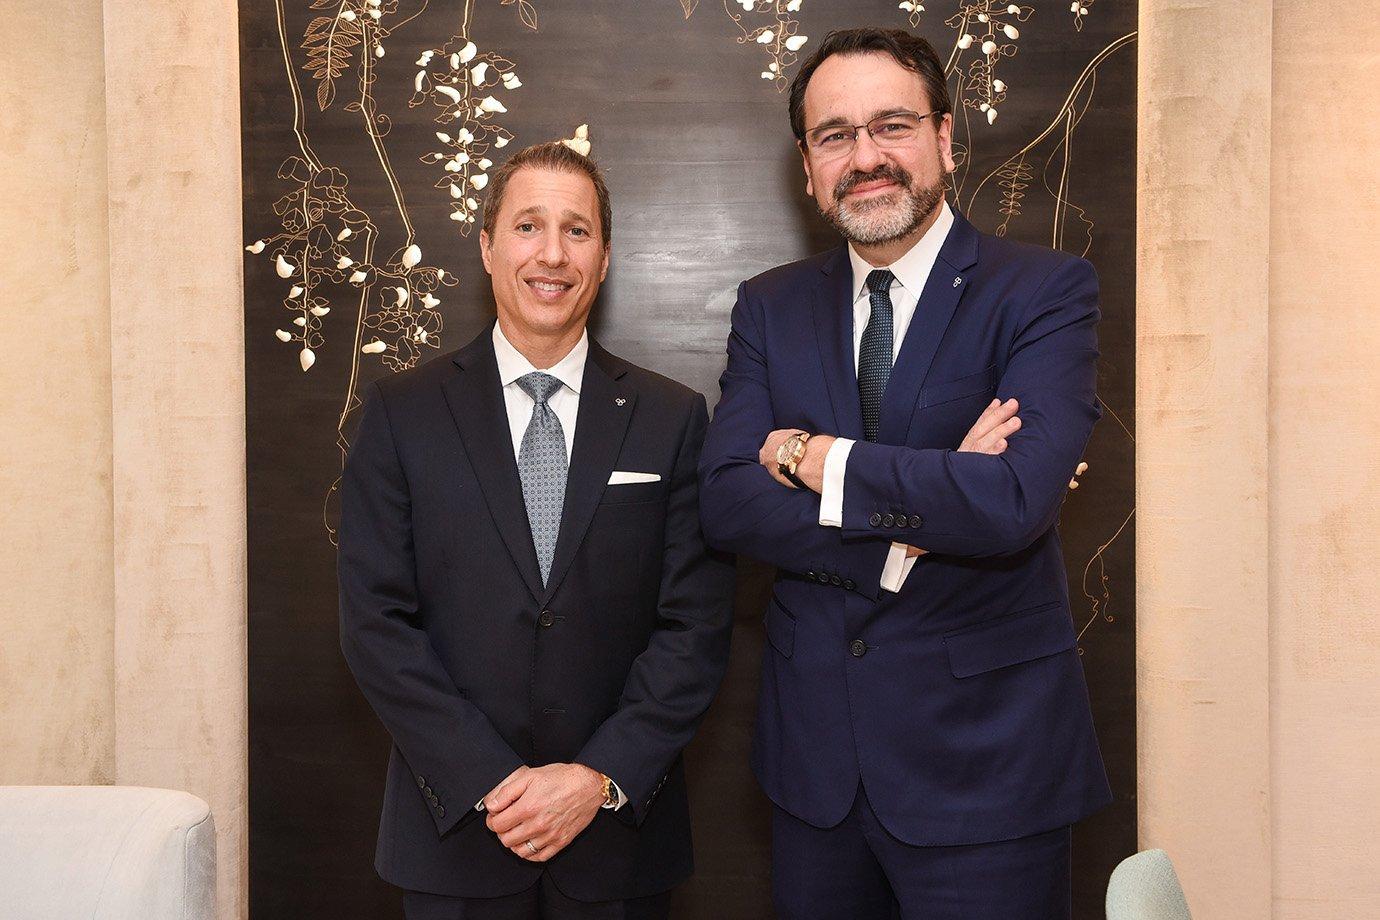 Jonathan Bruckner e Luciano Rodembusch, executivos da Tiffany&Co.